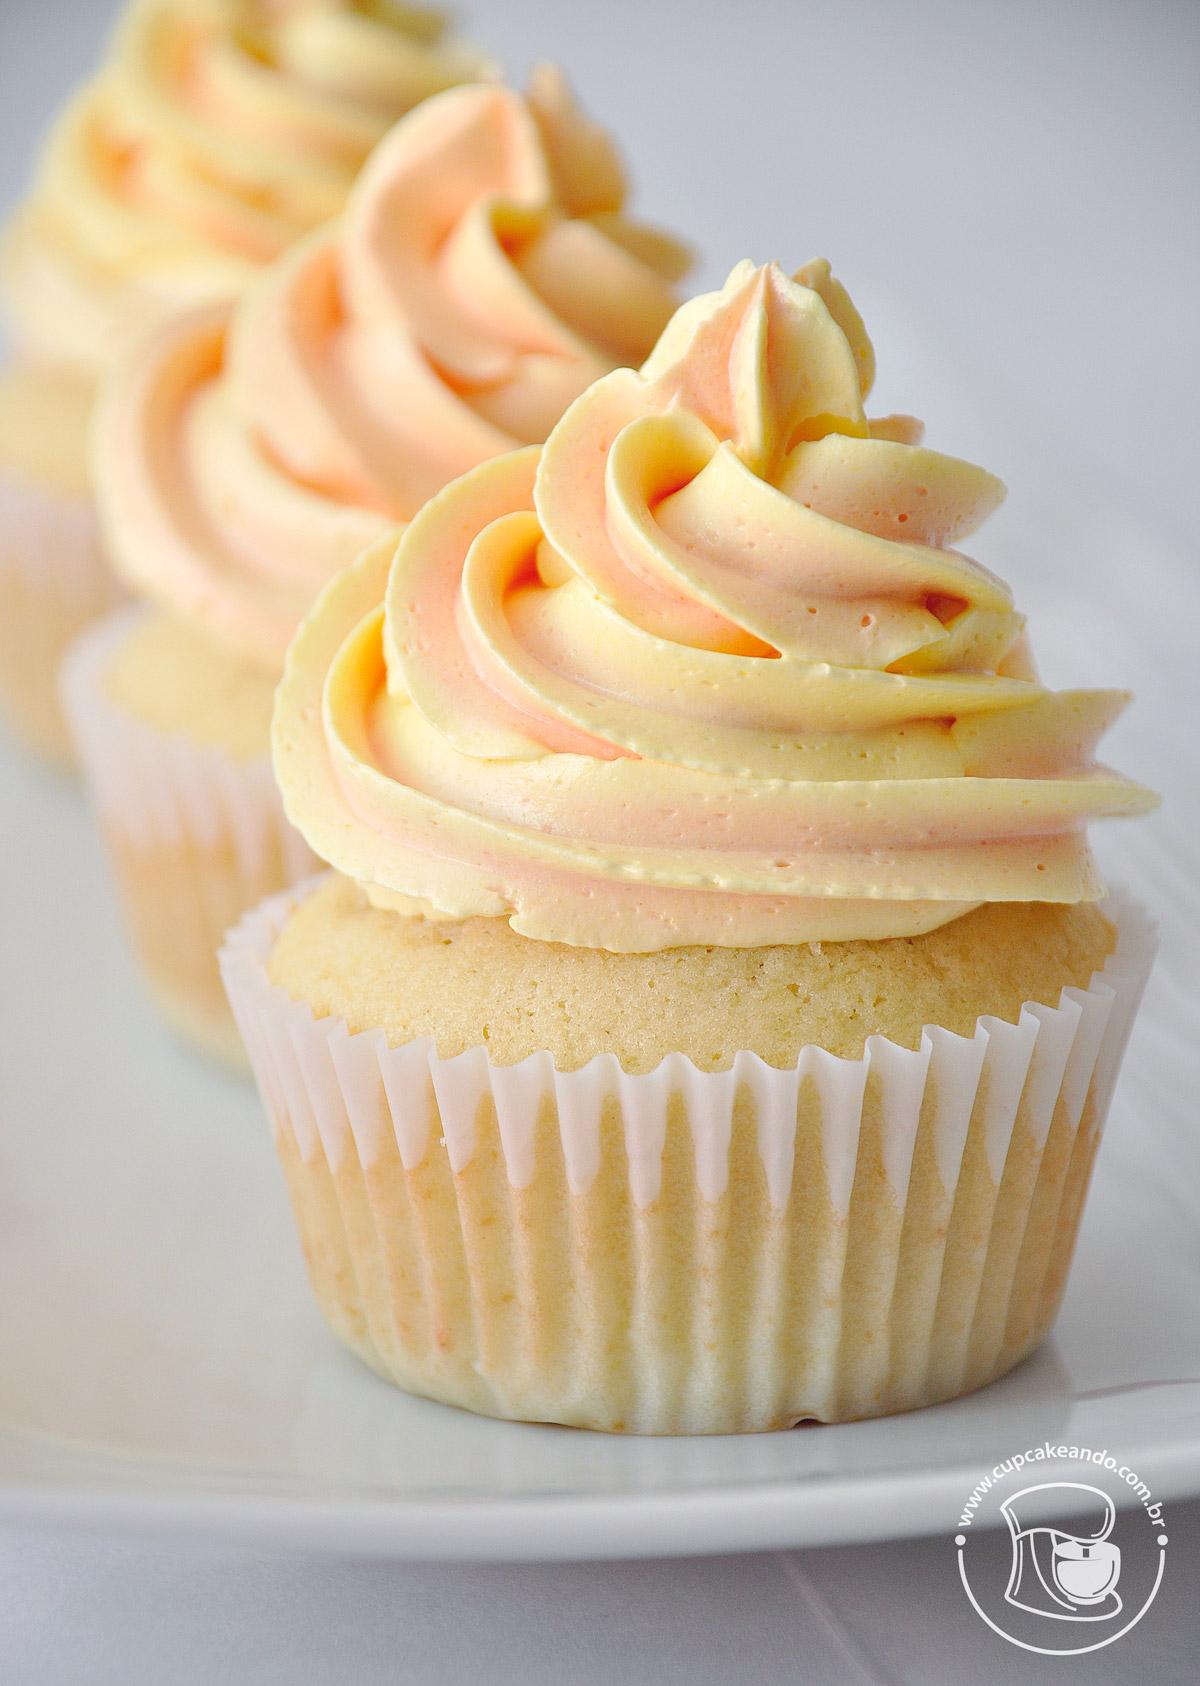 Cupcakes de baunilha com voltinhas perfeitas.